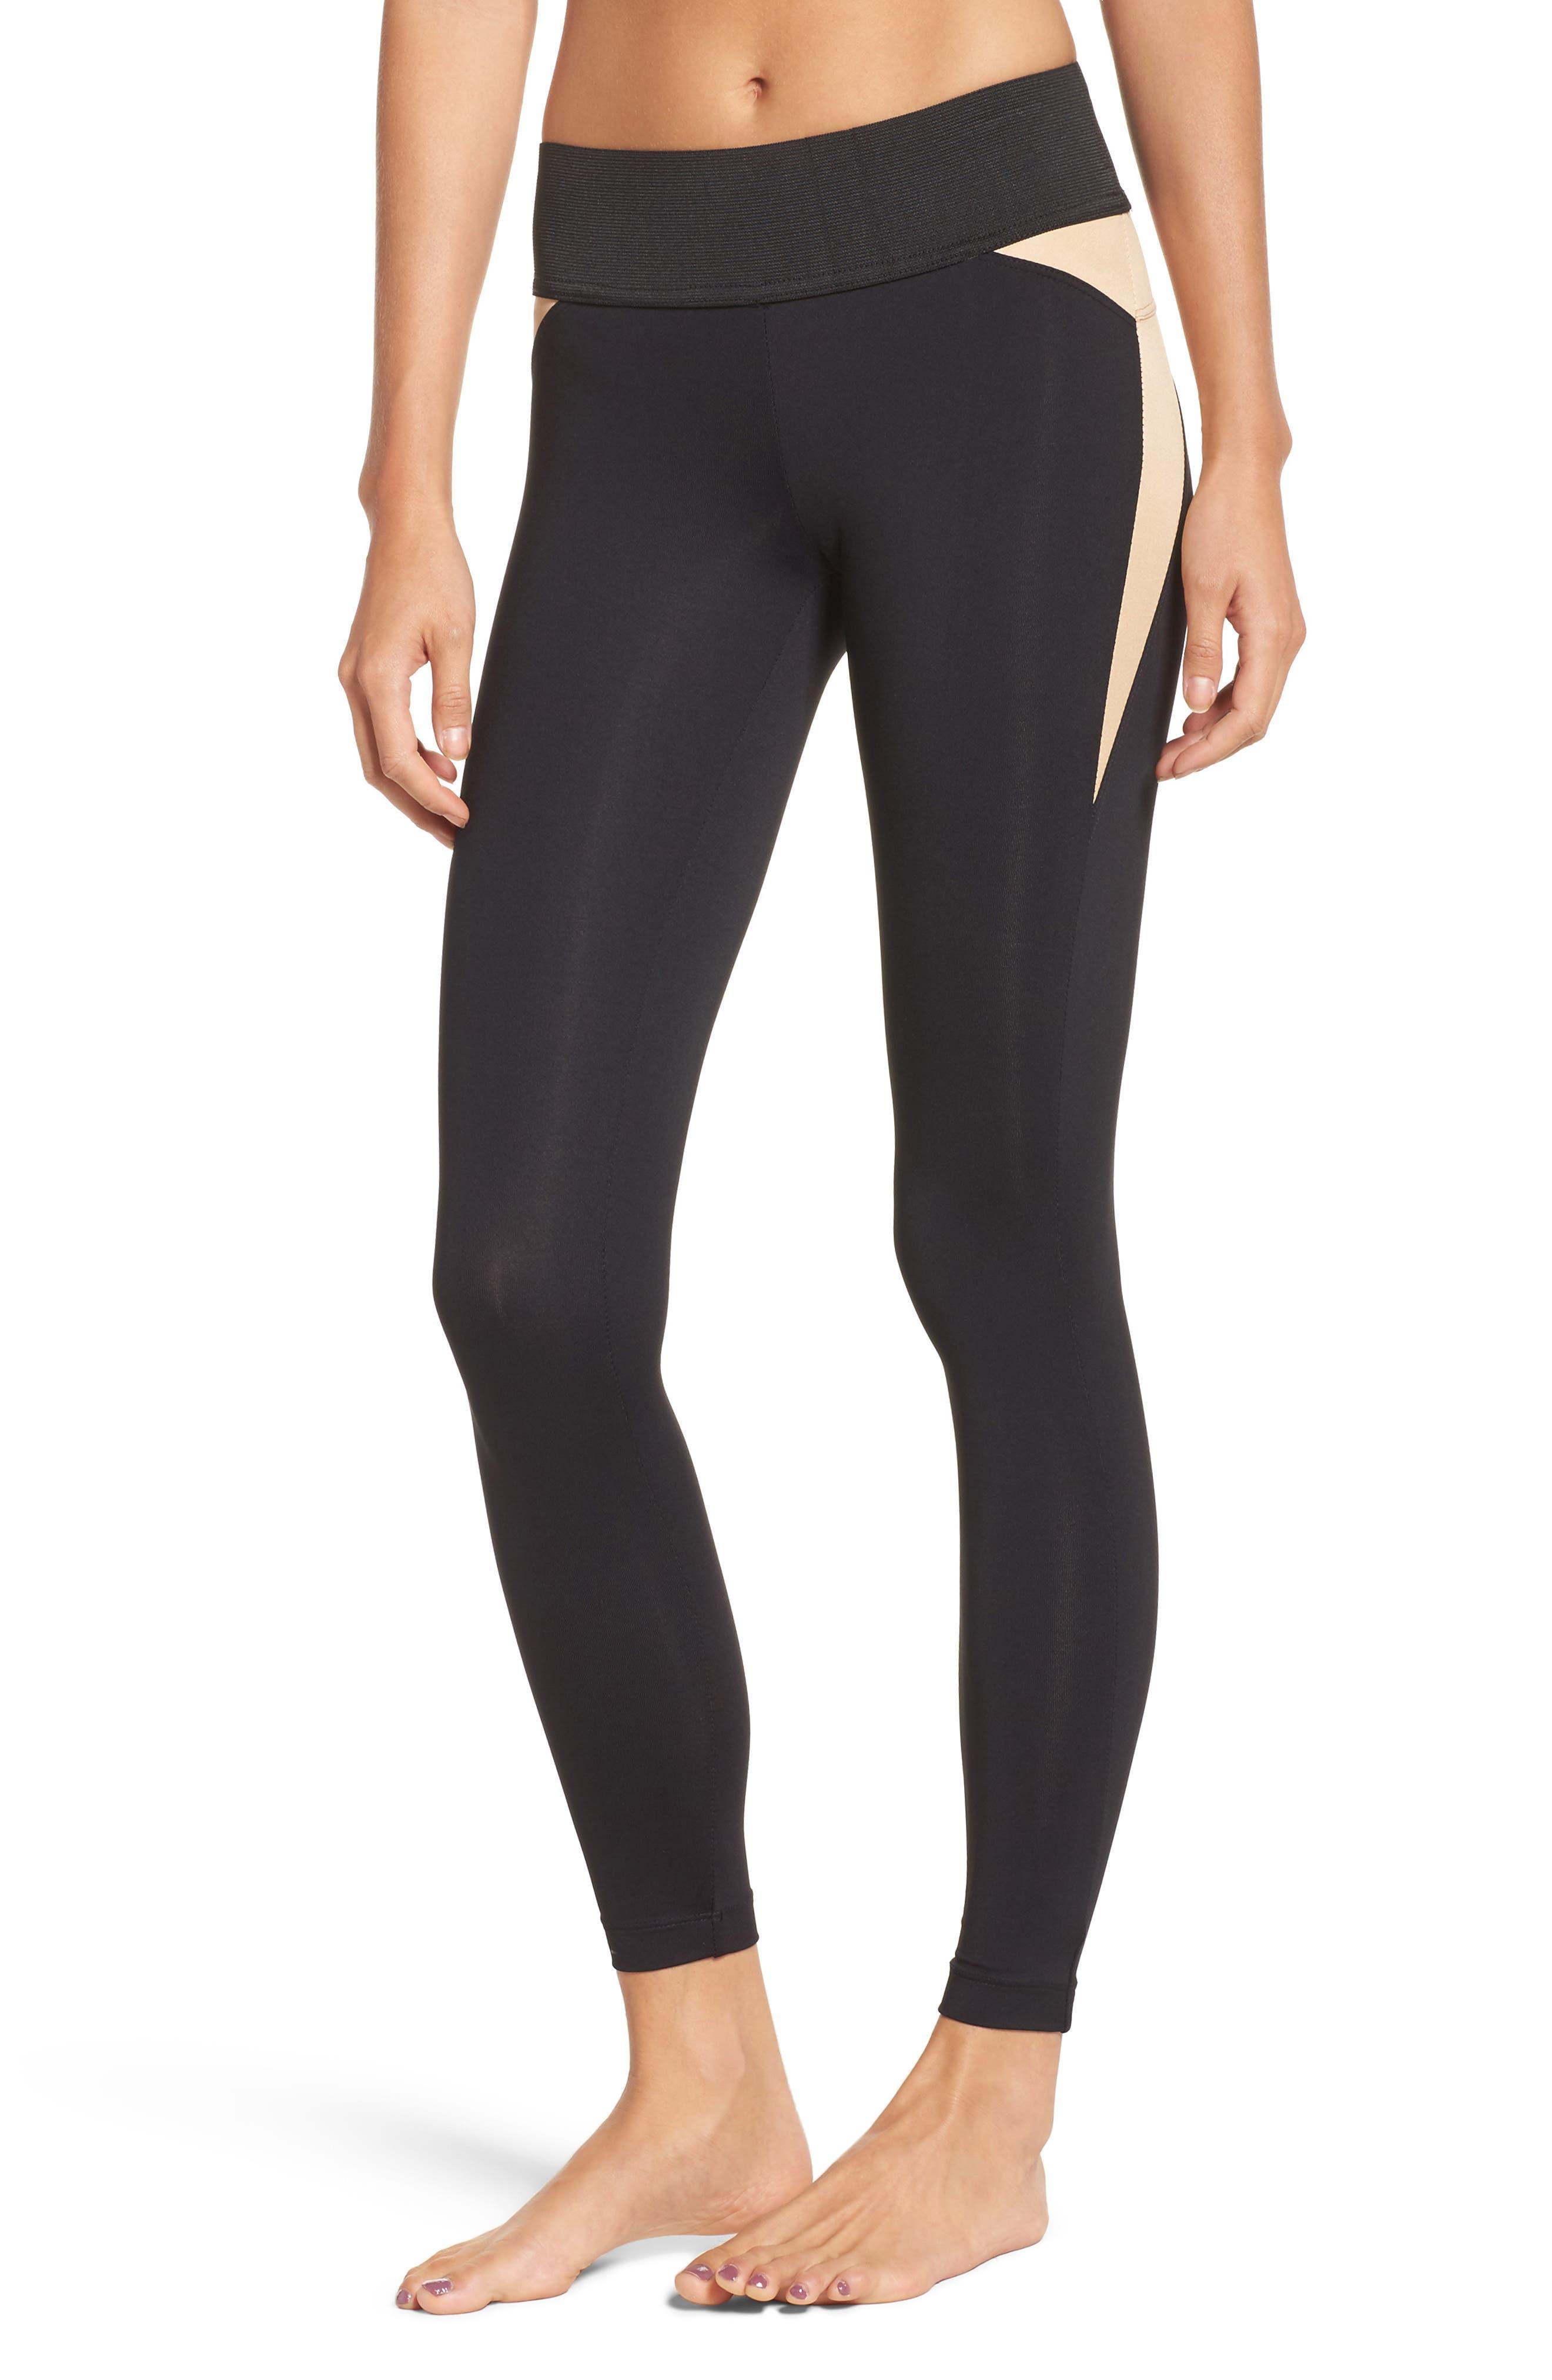 Grand Leggings,                         Main,                         color, Black/ Aurum